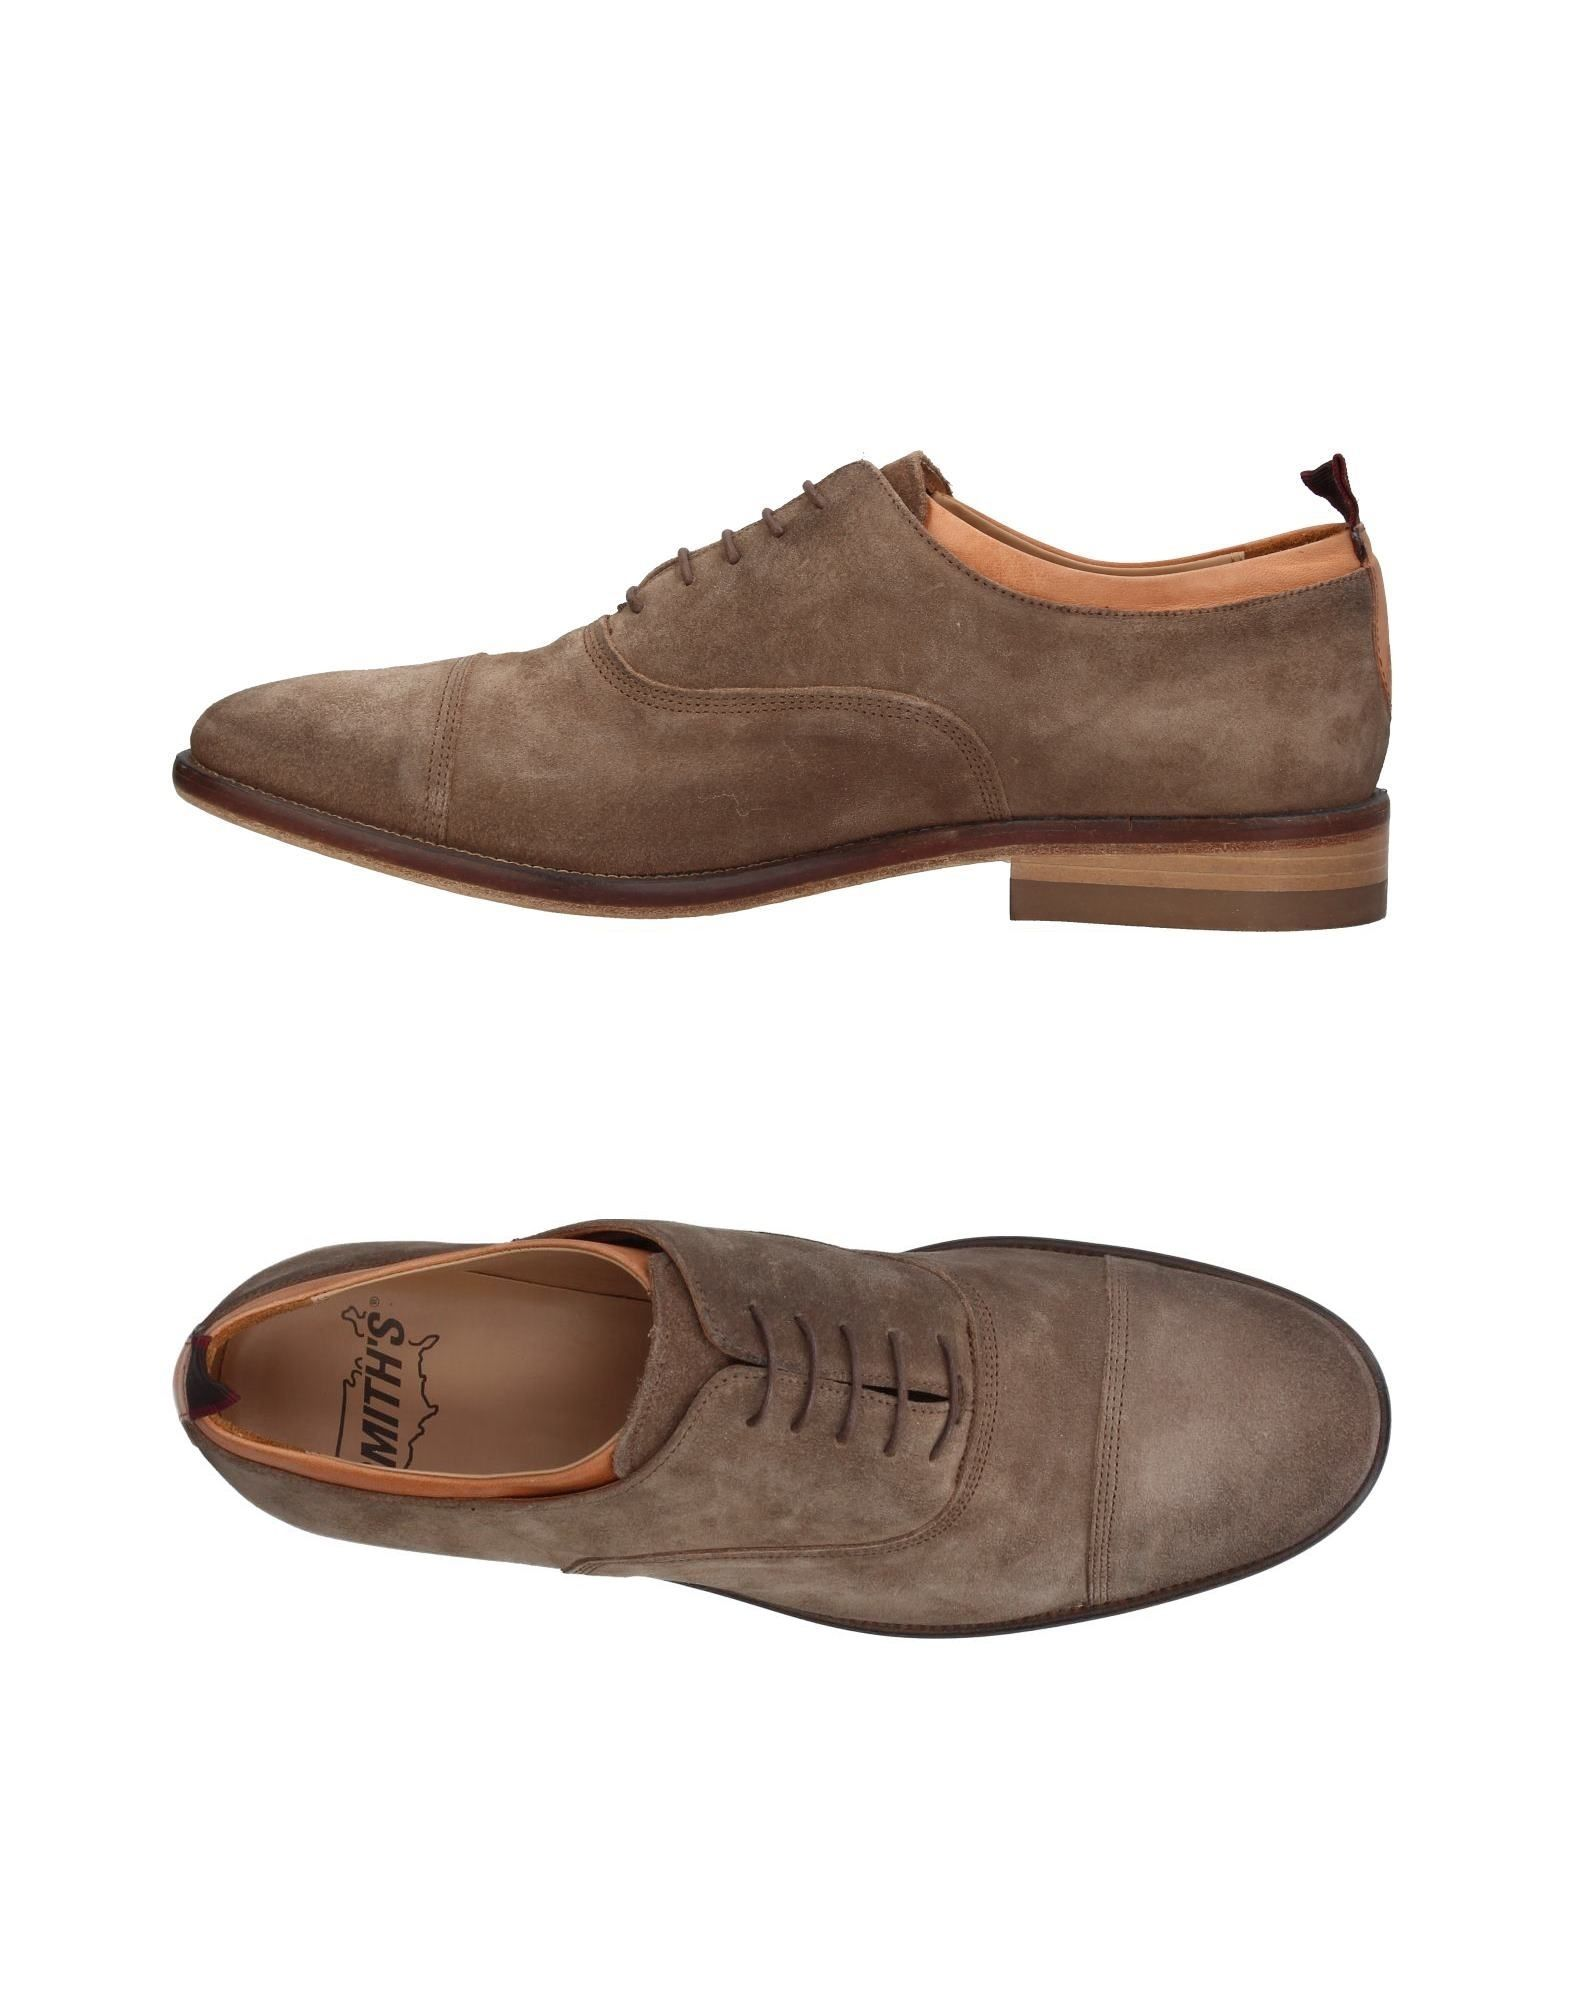 Rabatt echte Schuhe Smith's American Herren Schnürschuhe Herren American  11242806NW d70487